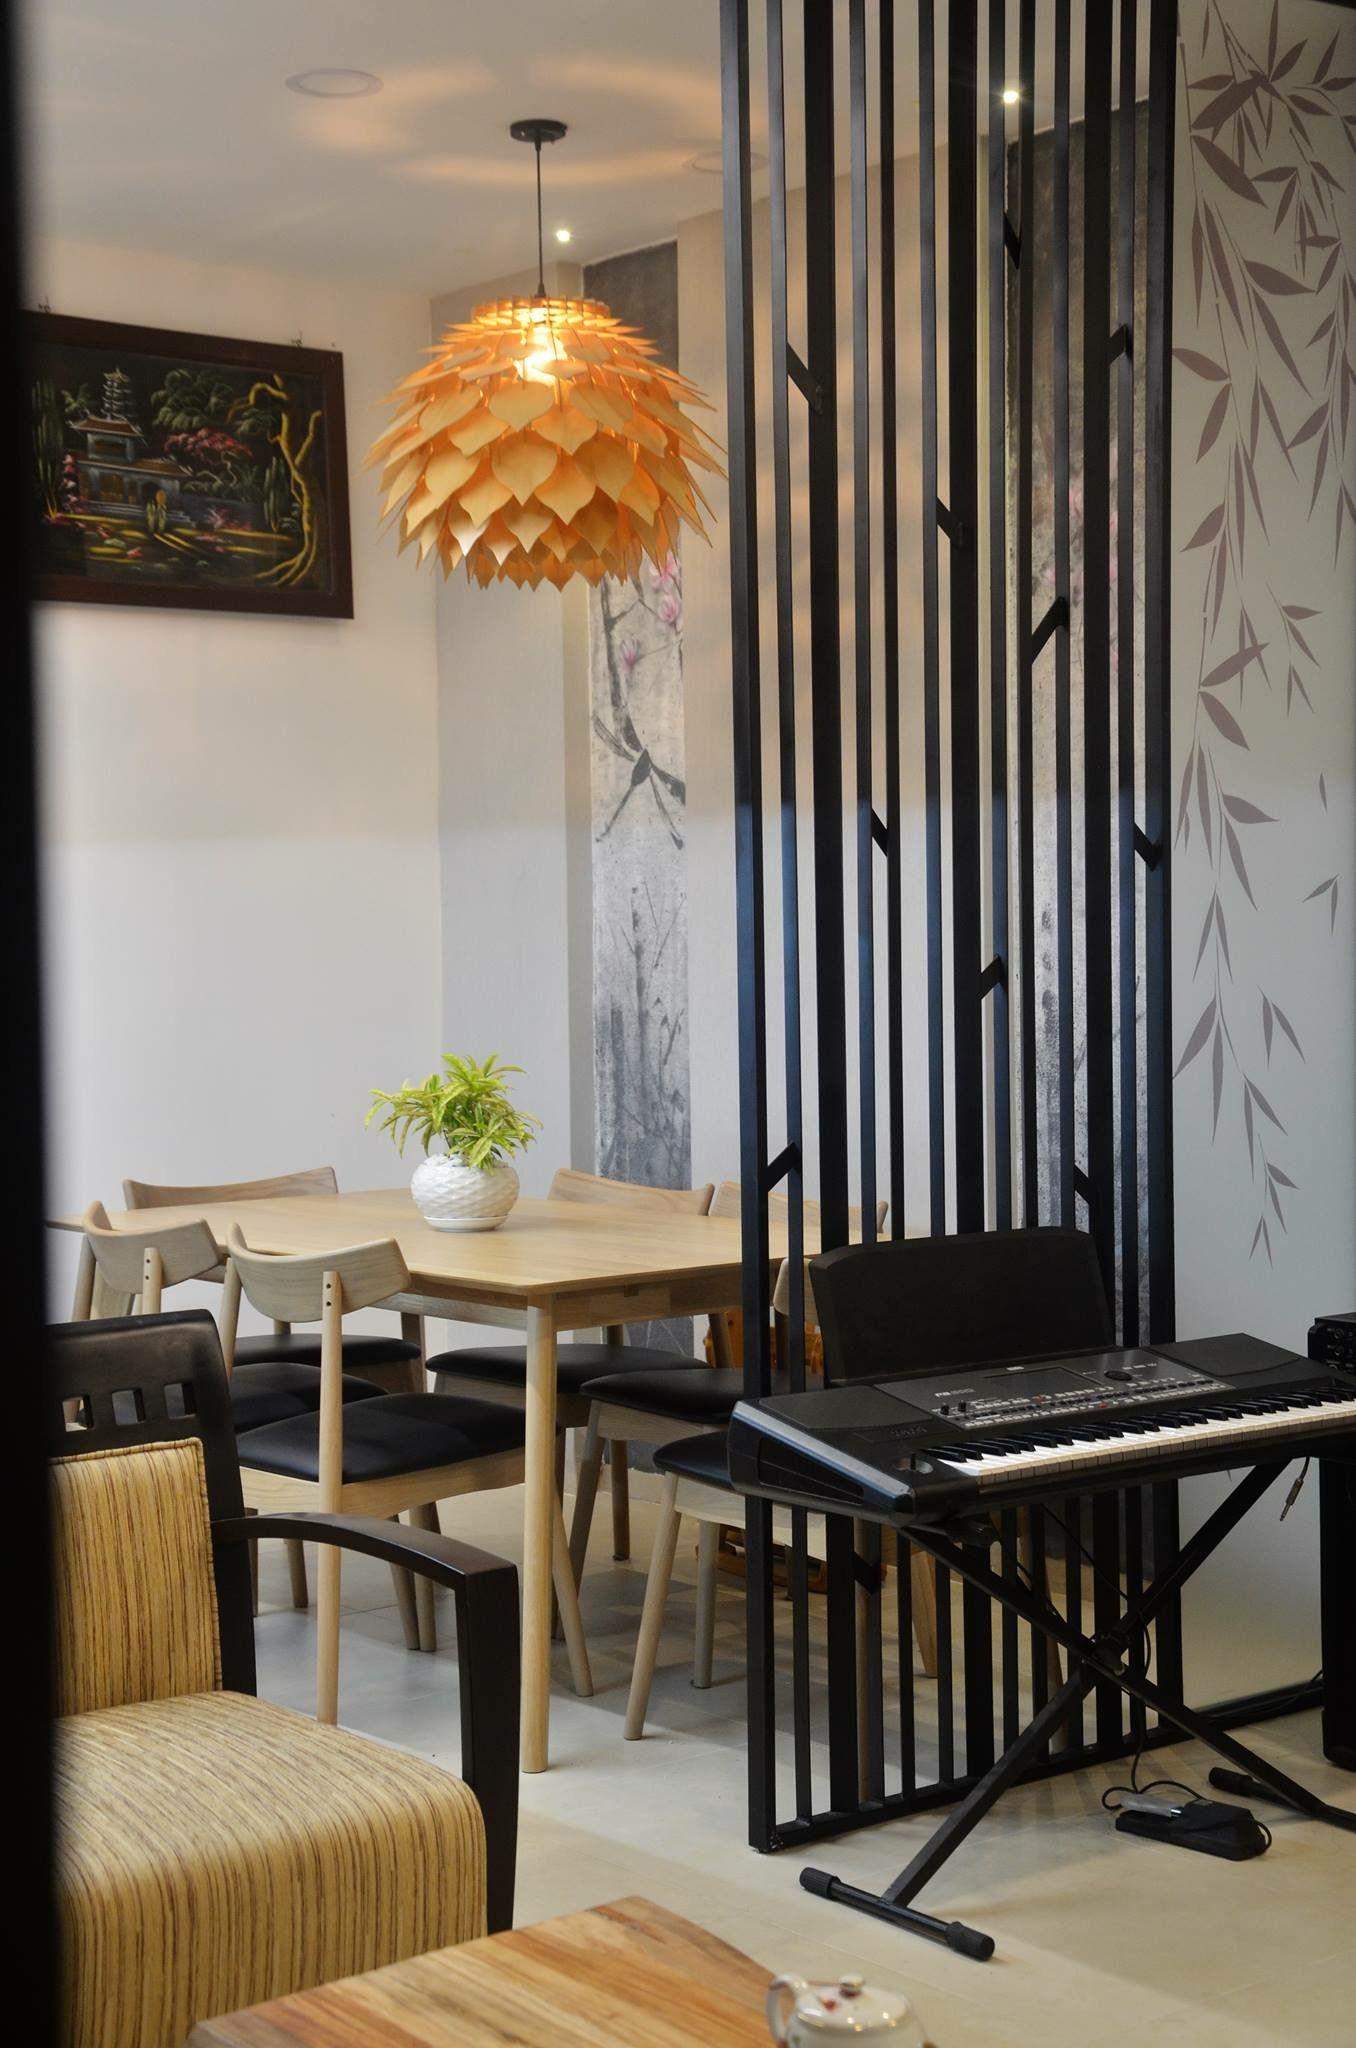 Nội thất nhà phố phong cách zen thiết kế 88 design zen house